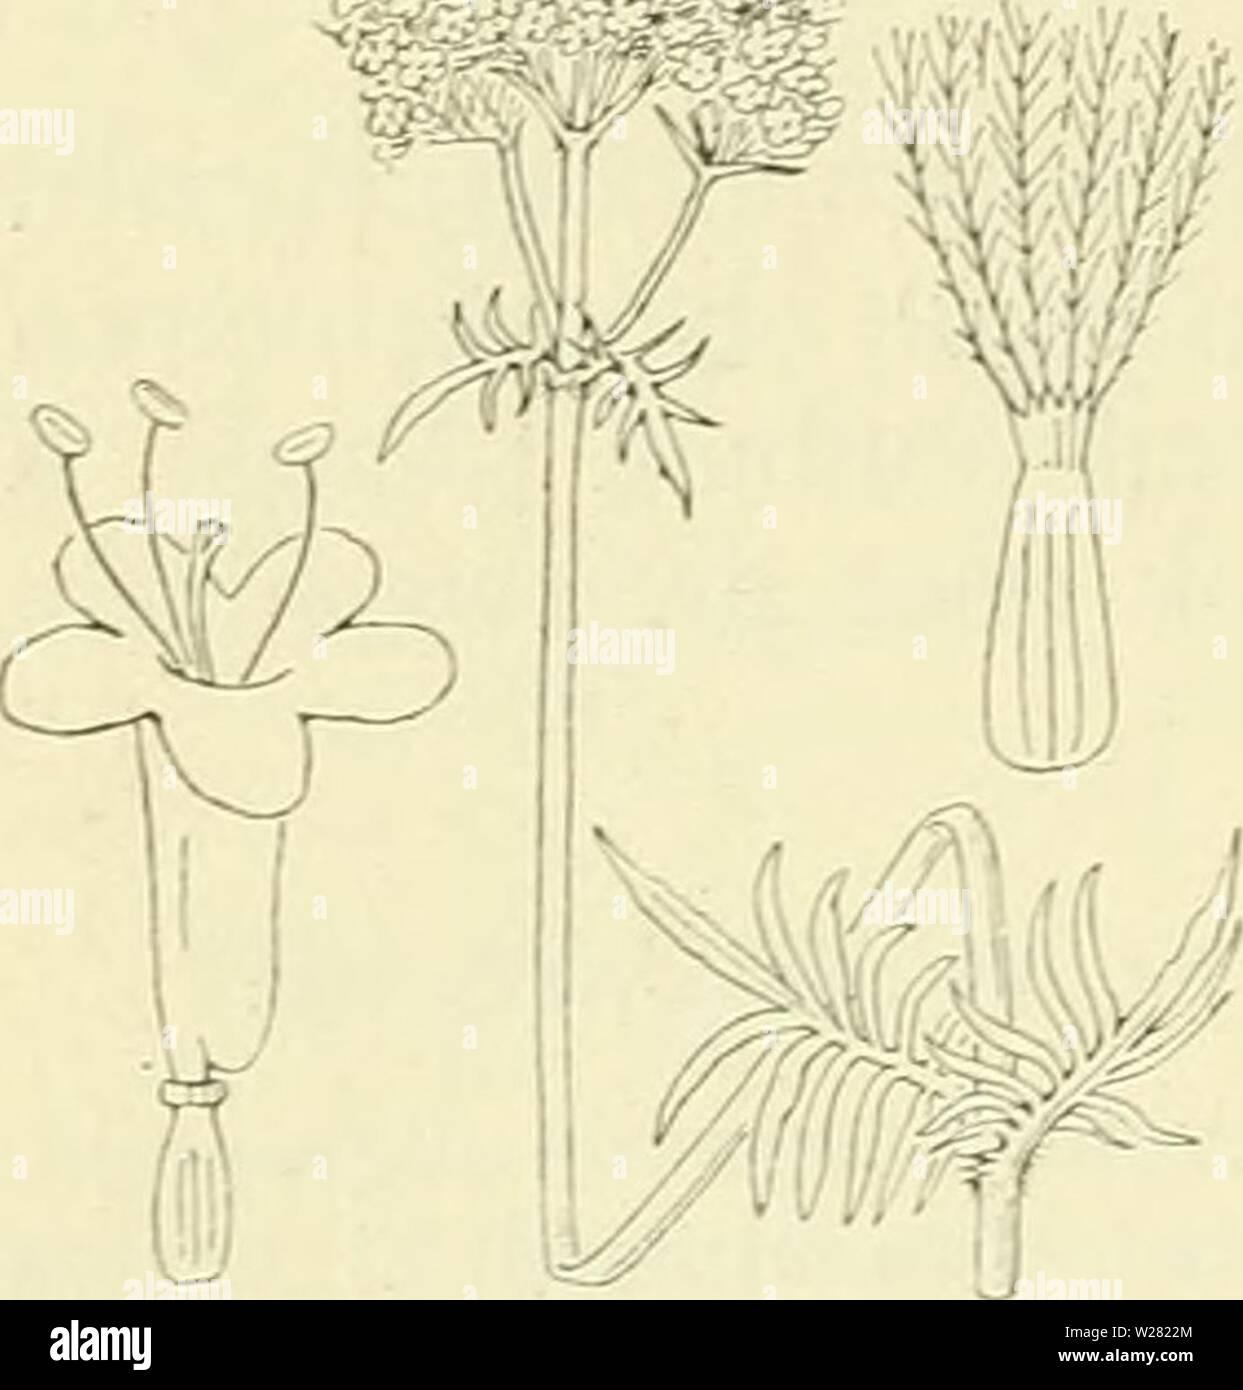 Archive image from page 343 of De flora van Nederland (1909-11). De flora van Nederland  defloravannederl03heuk Year: 1909-11.  324 â VALERIANACEAE. FAMILIE 107.    slechts half zoo groot. Helmknopjes vaak onvolkomen. Stijl korter dan de bloemkroon met 3-5-spIeligen stempel. 3' Bloemkroon nog kleiner. Stijl even lang als of langer dan deze, overigens als 2'. De 2e en 3e vorm dragen vrucht. Bijl' is het bijscherm losser dan .bij de andere. Wortelstok kruipend. Wortelbladen rondachtig-eirond tot elliptisch. Bovenste stengelbladen meest 7-tallig vindeelig .... V. dioica blz. 325. V. officinalis 1 - Stock Image